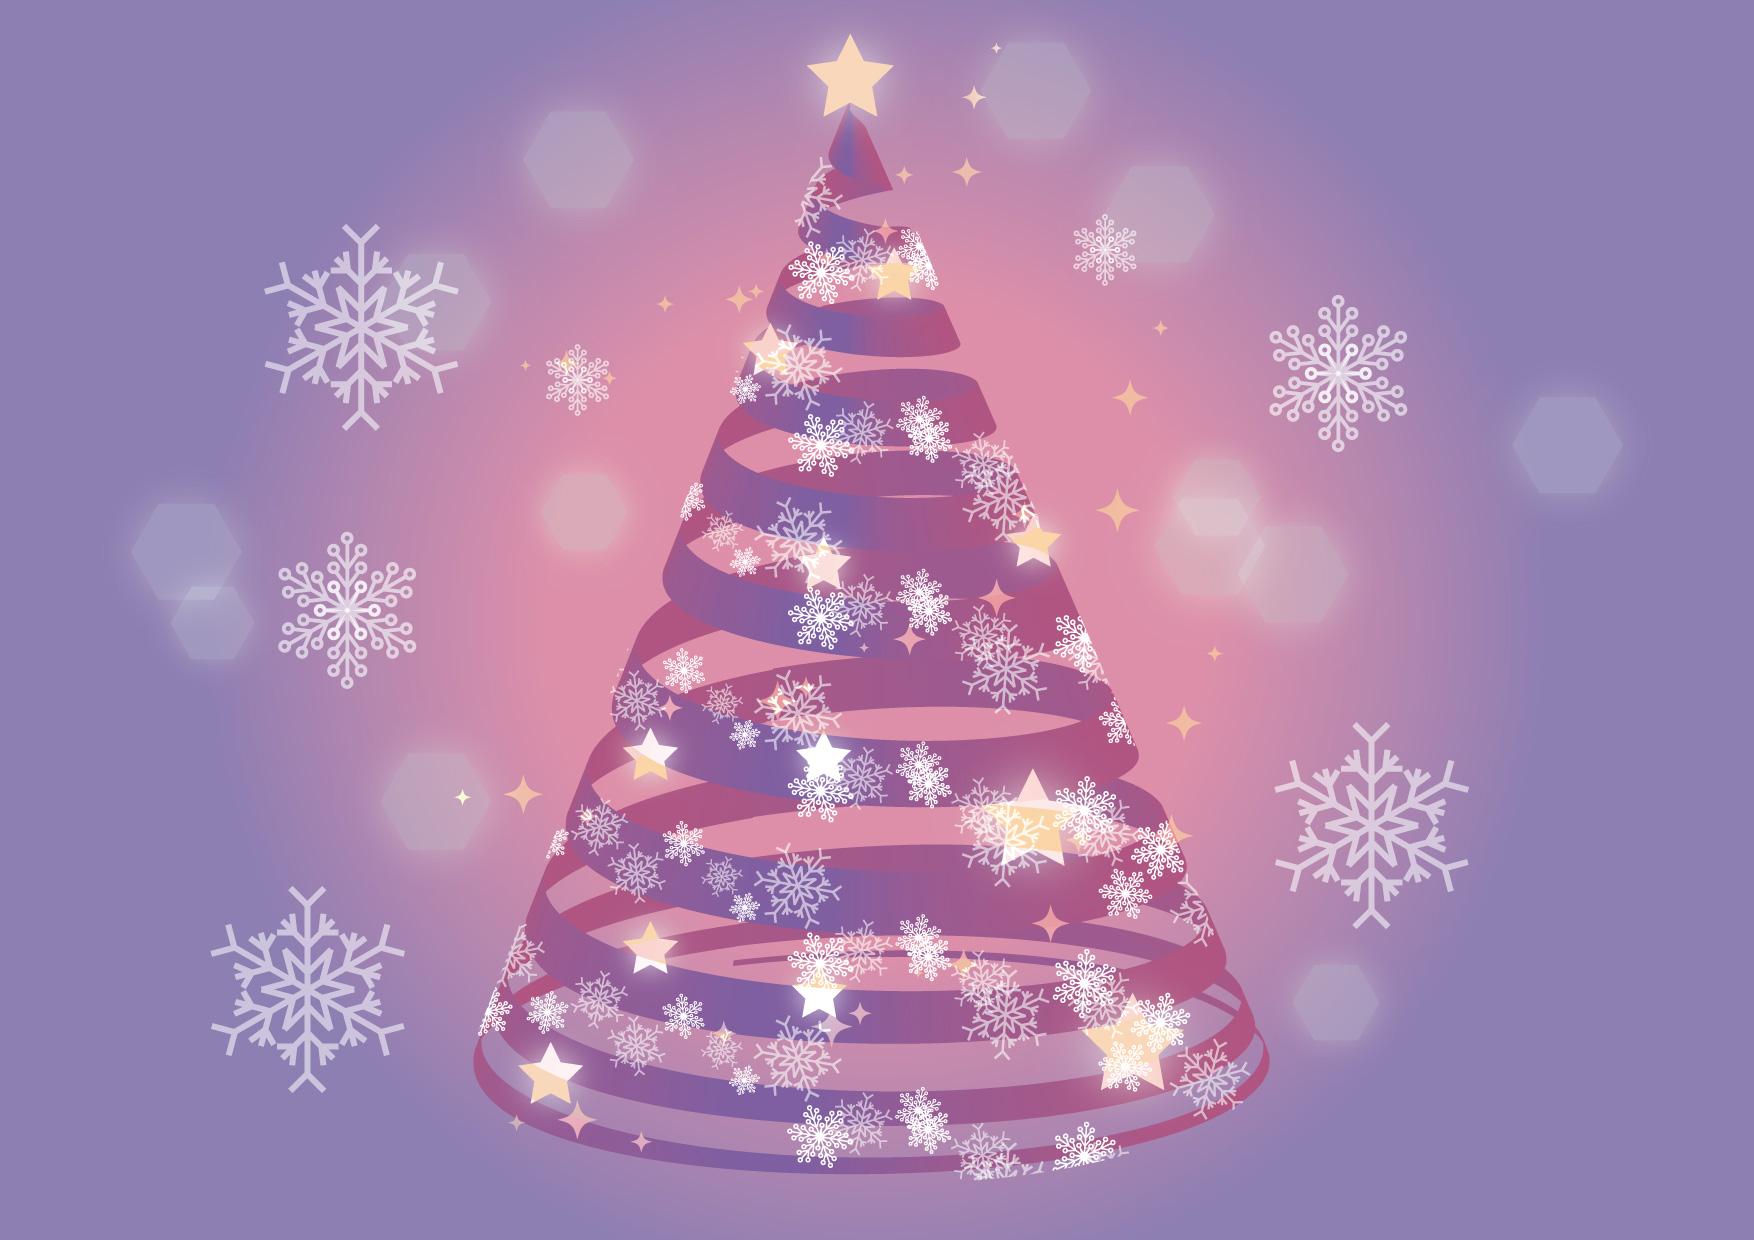 可愛いイラスト無料|クリスマスツリー 紫色 リボン 雪の結晶 − free illustration Christmas tree purple ribbon snowflake